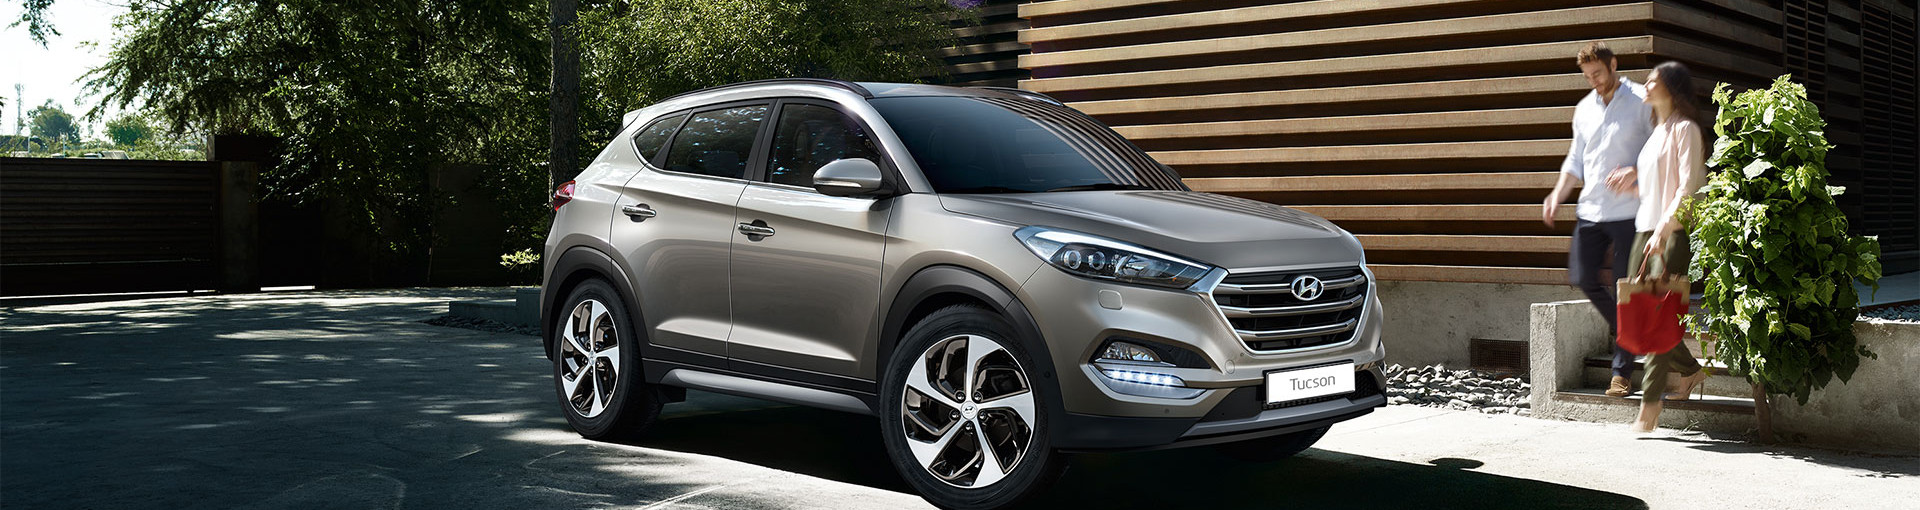 Nowy <br> Hyundai Tucson